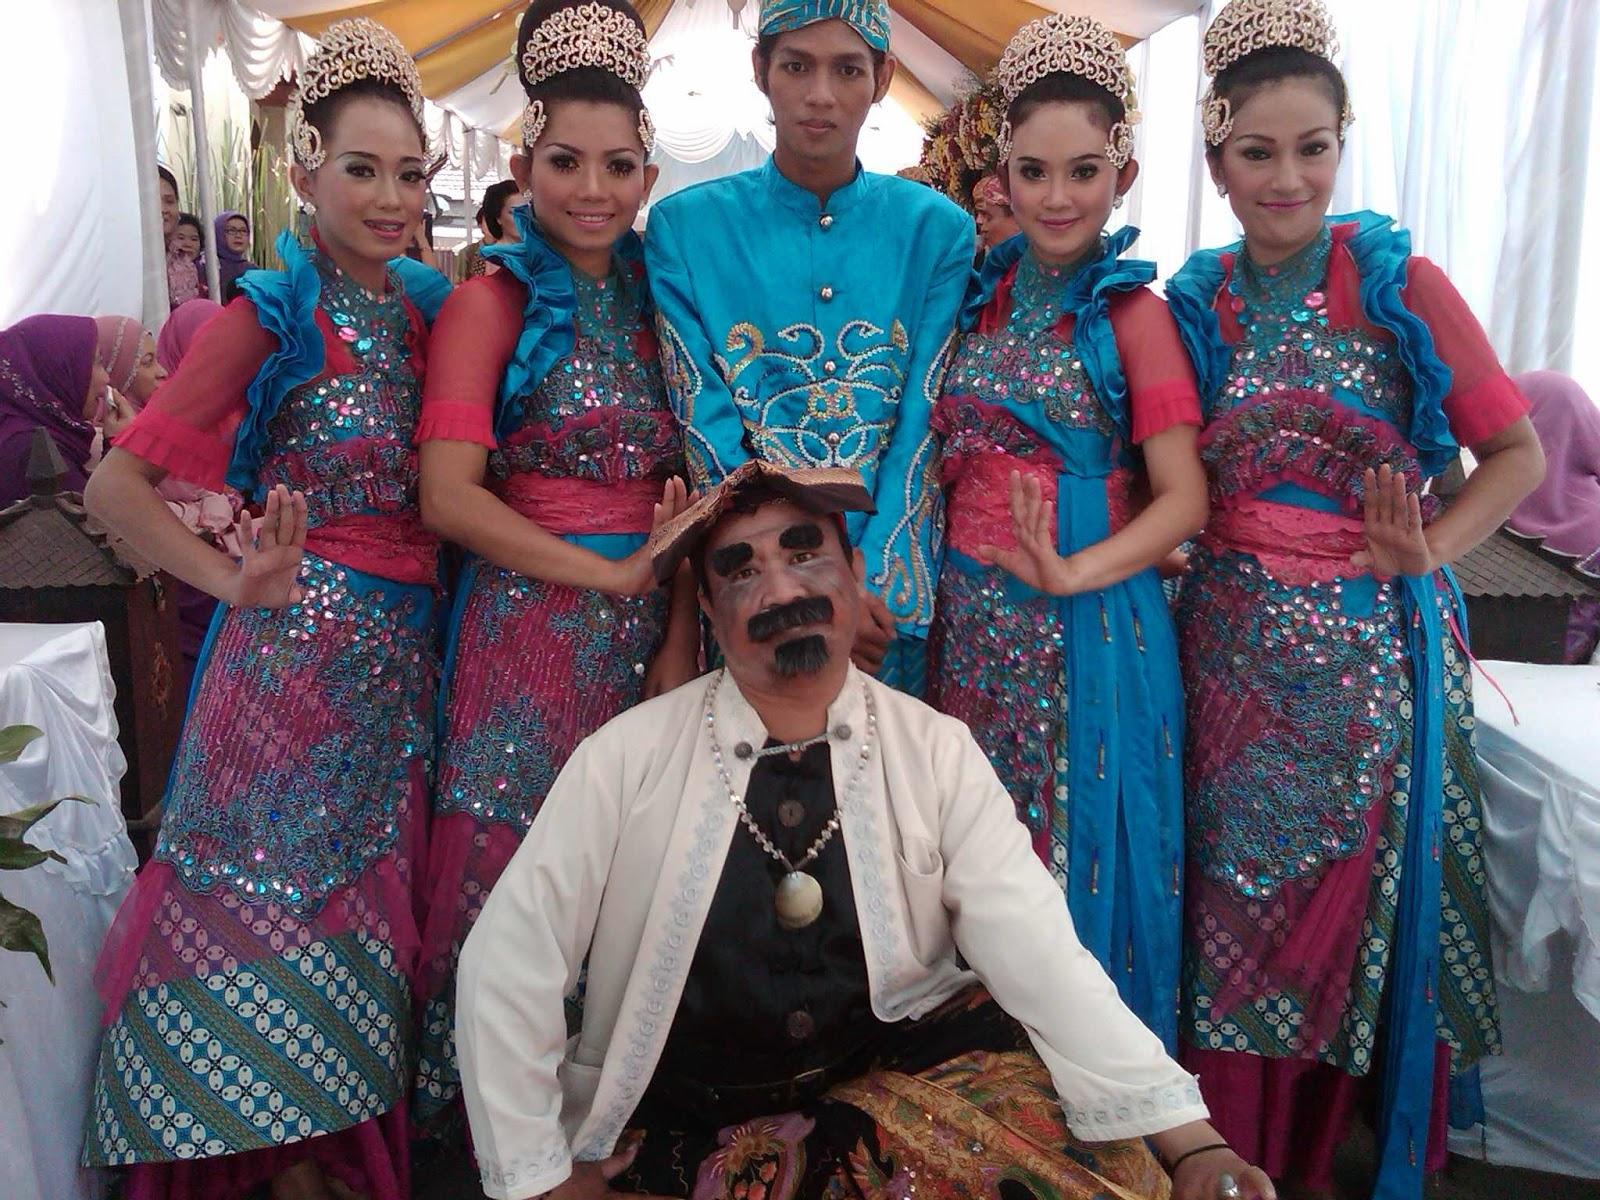 Sanggar Tari Tradisional Jawa Barat Dan Betawi Menerima Paket